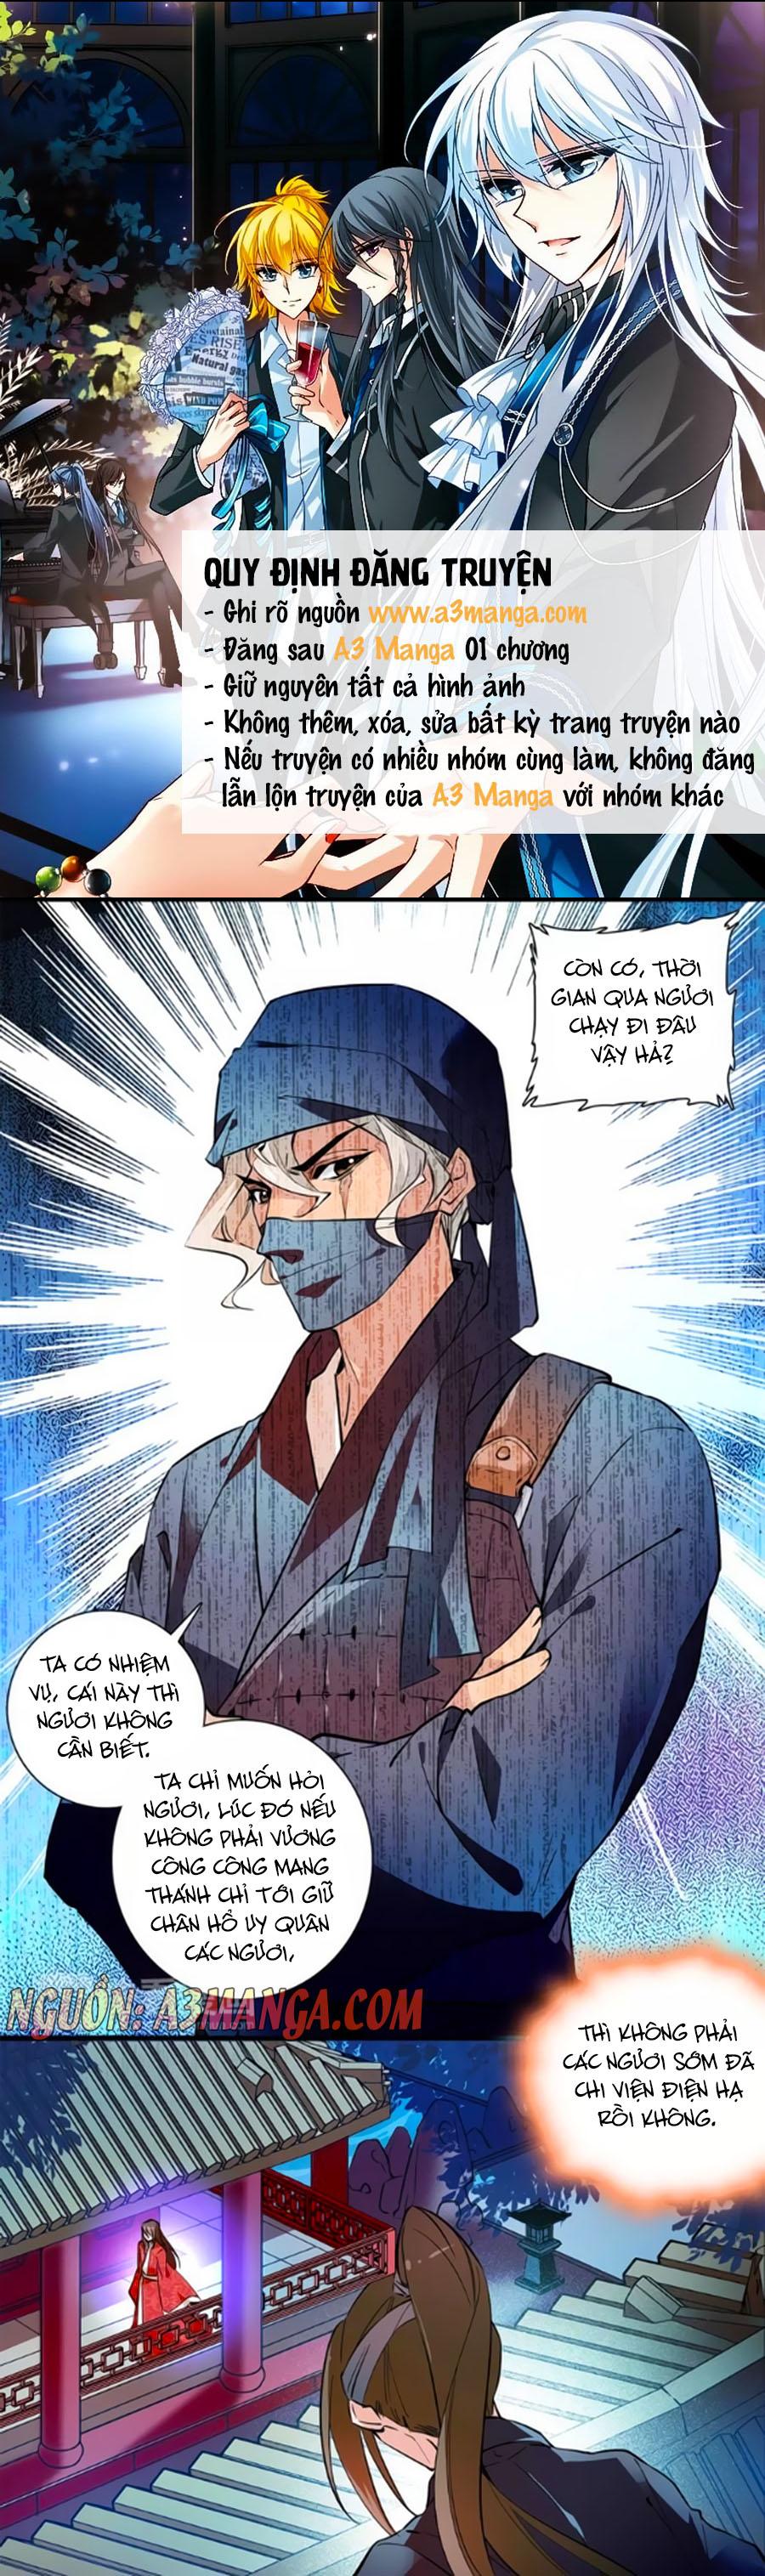 Hoàng Thượng! Hãy Sủng Ái Ta Đi! Chap 53